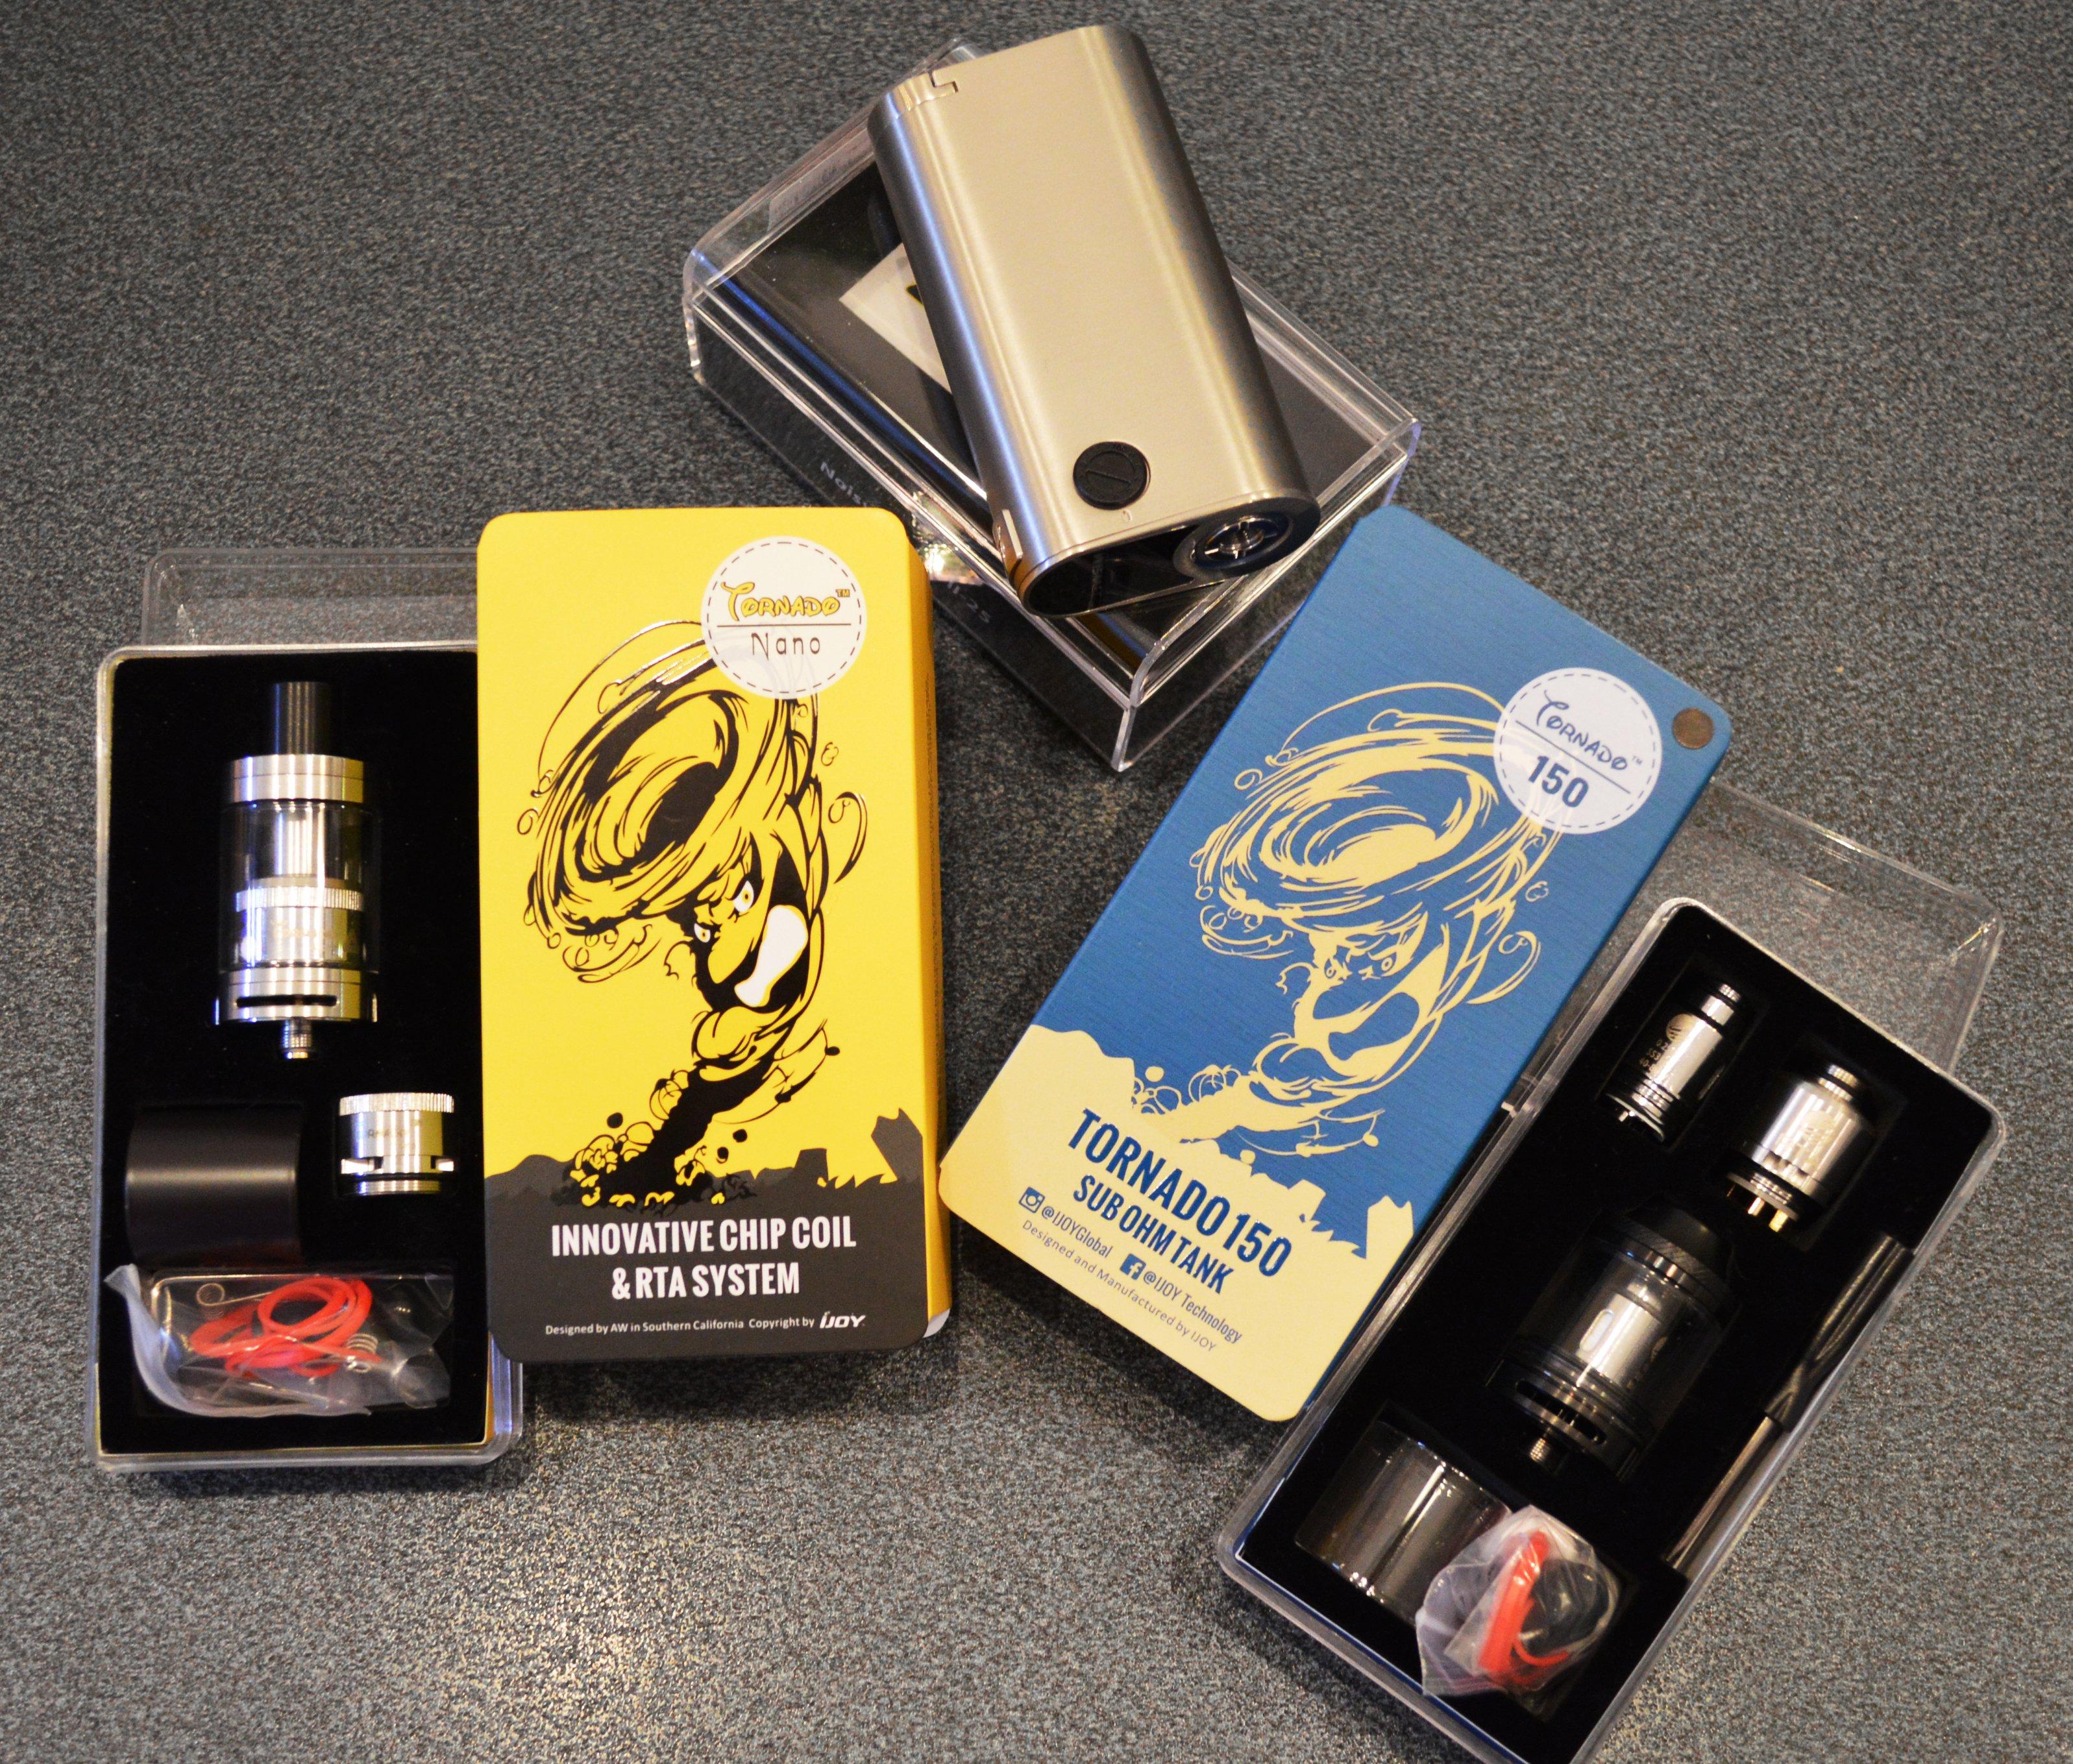 Atomizzatori presso Smoking Aces a Gaggiolo di Cantello (VA)